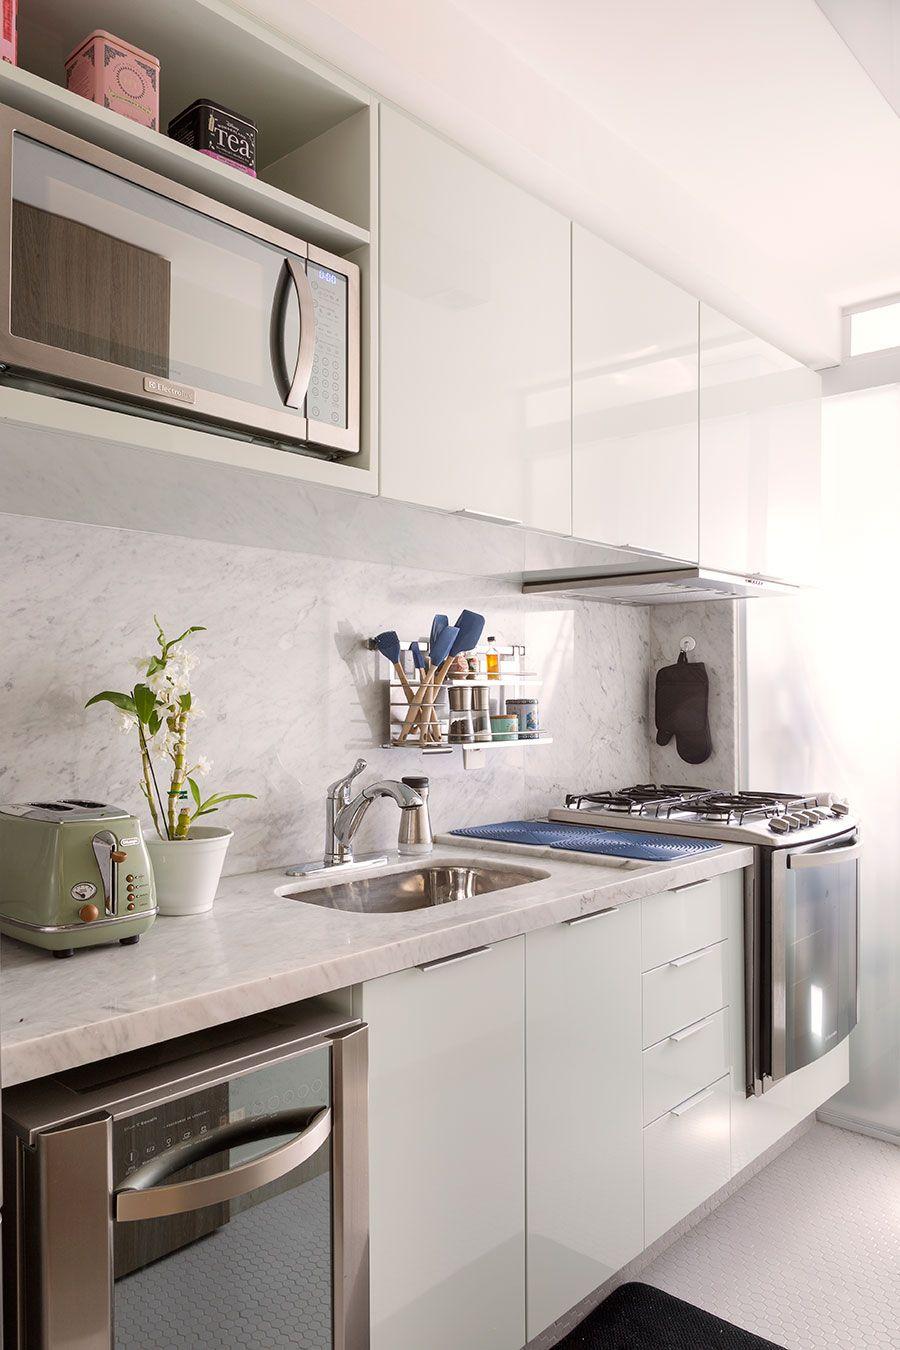 Épinglé Par Ana Ris Sur Decor Salas De Jantar E Cozinhas Pinterest - Mini gaziniere gaz pour idees de deco de cuisine